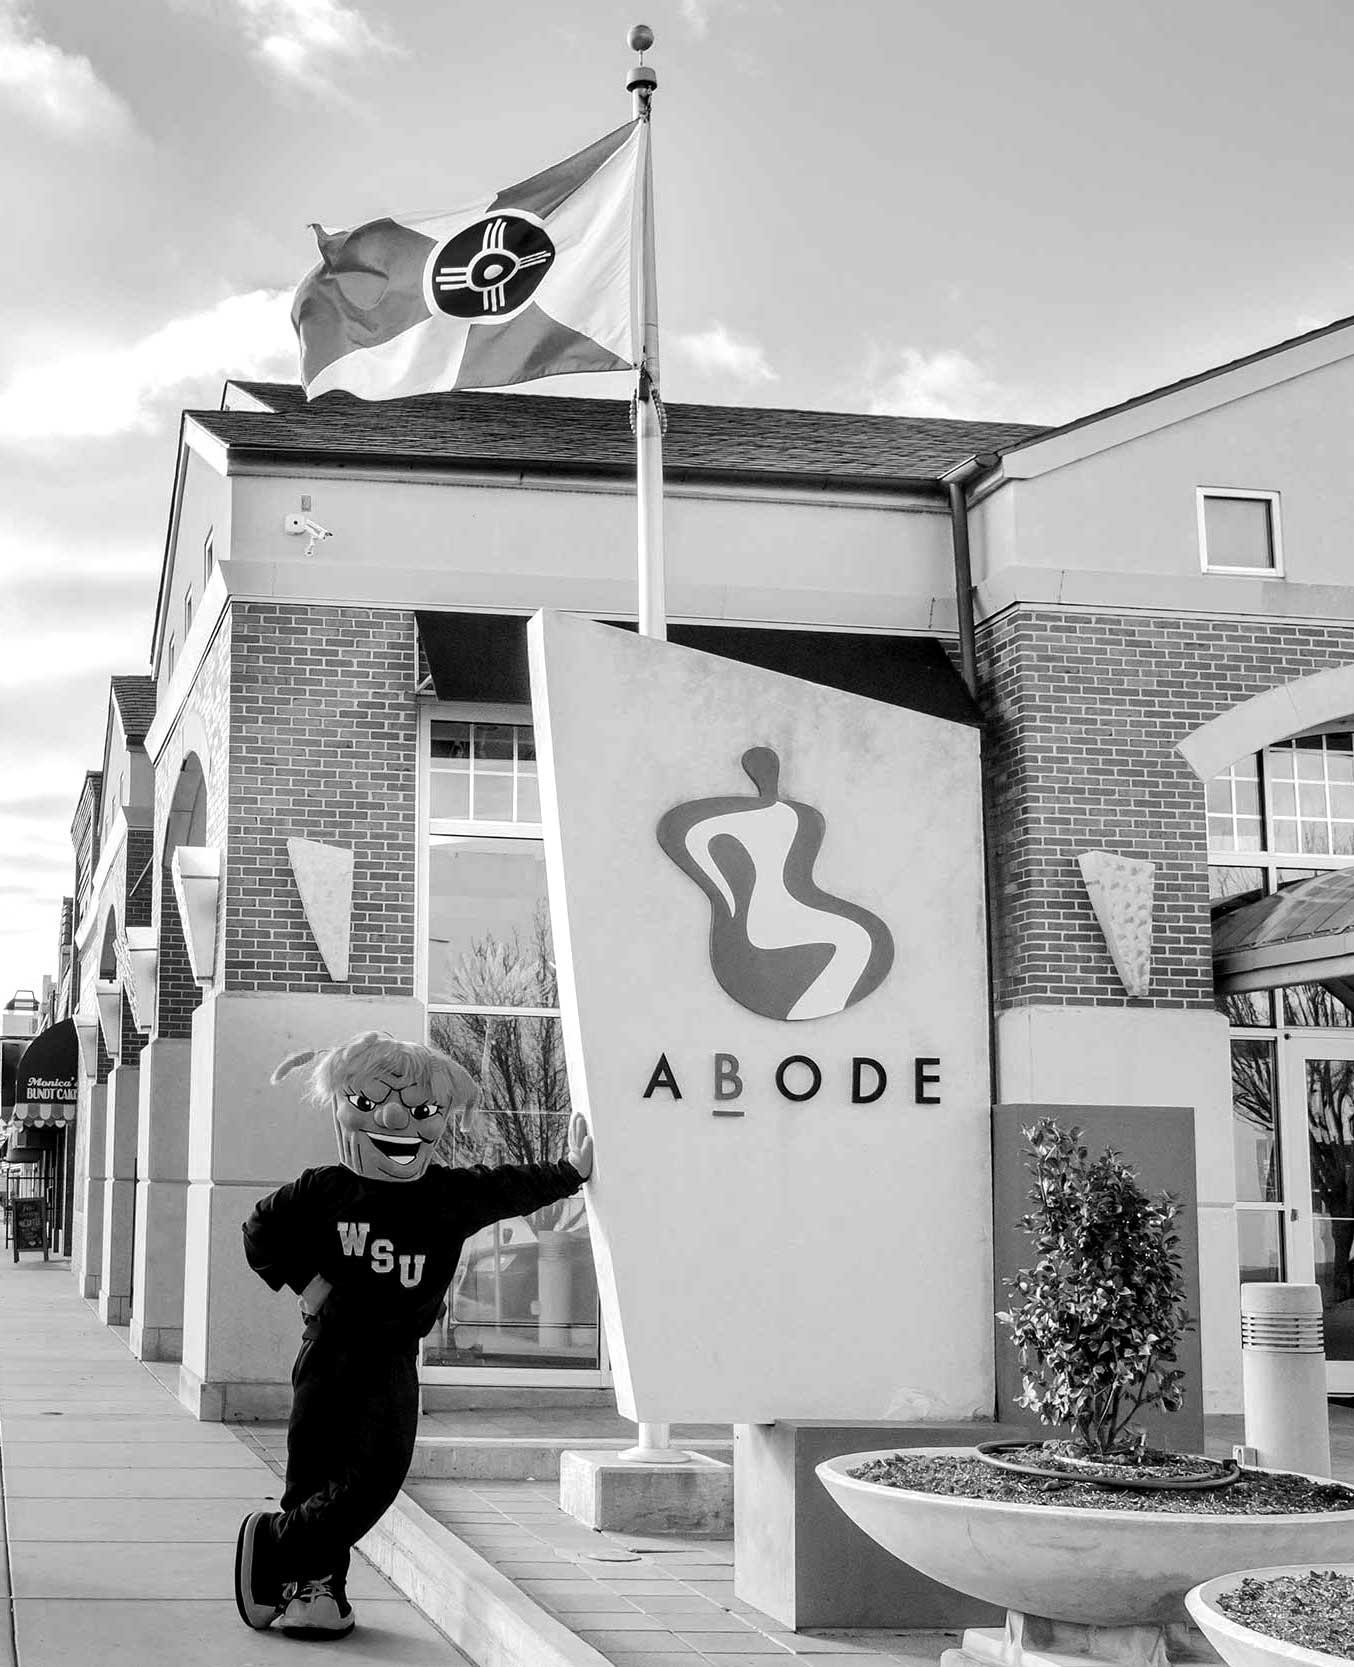 ABODE-Venue-WuShock-blkwht-crop.jpg